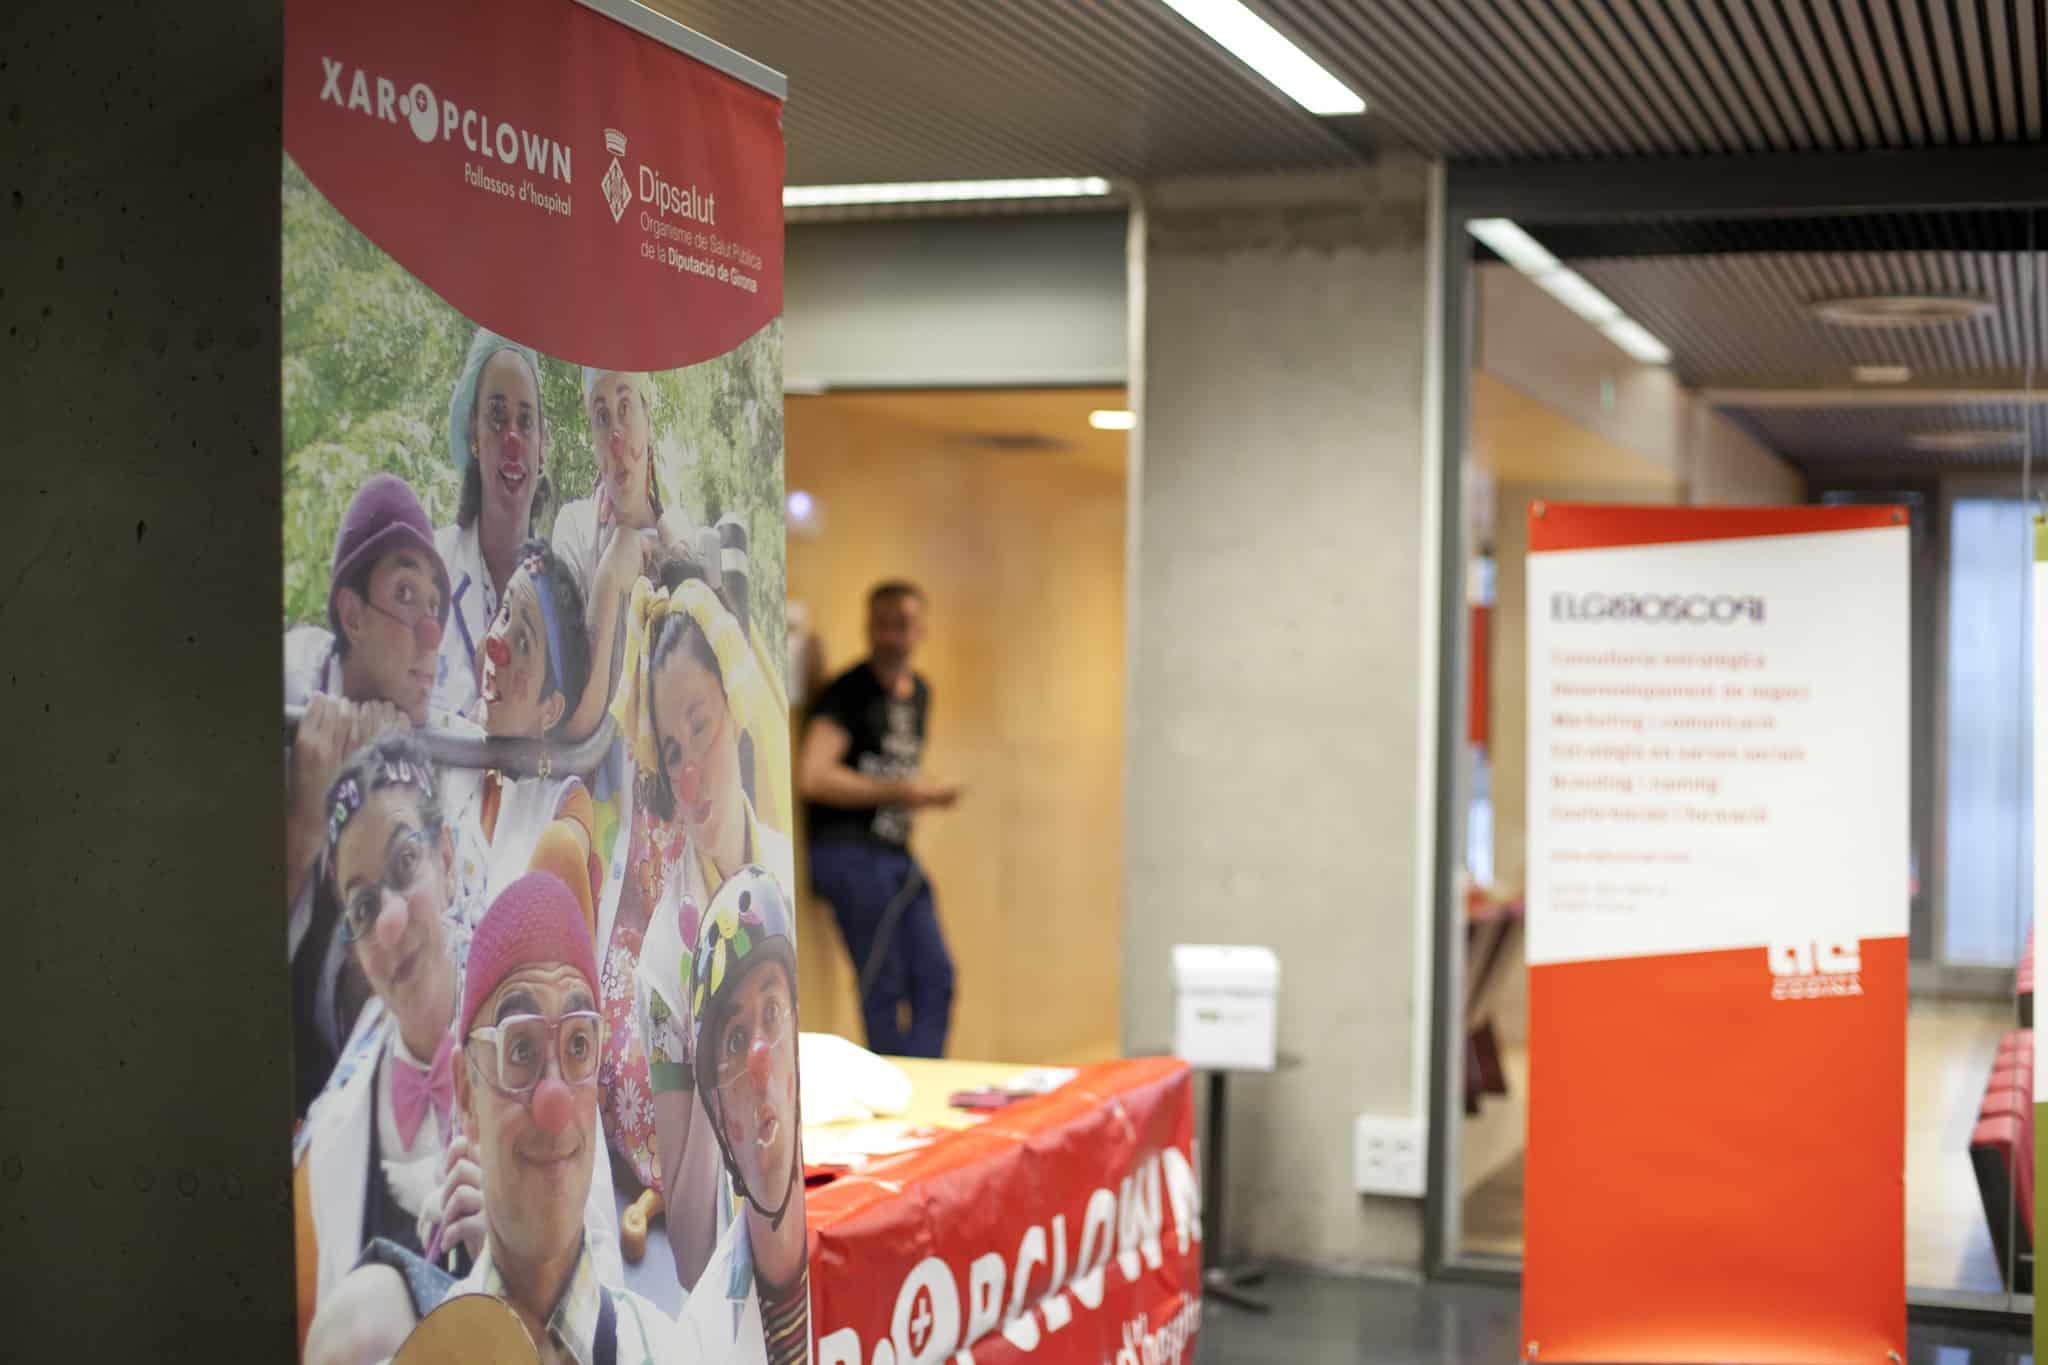 XaropClown en la 5a Mostra d'Emprenedors de Girona